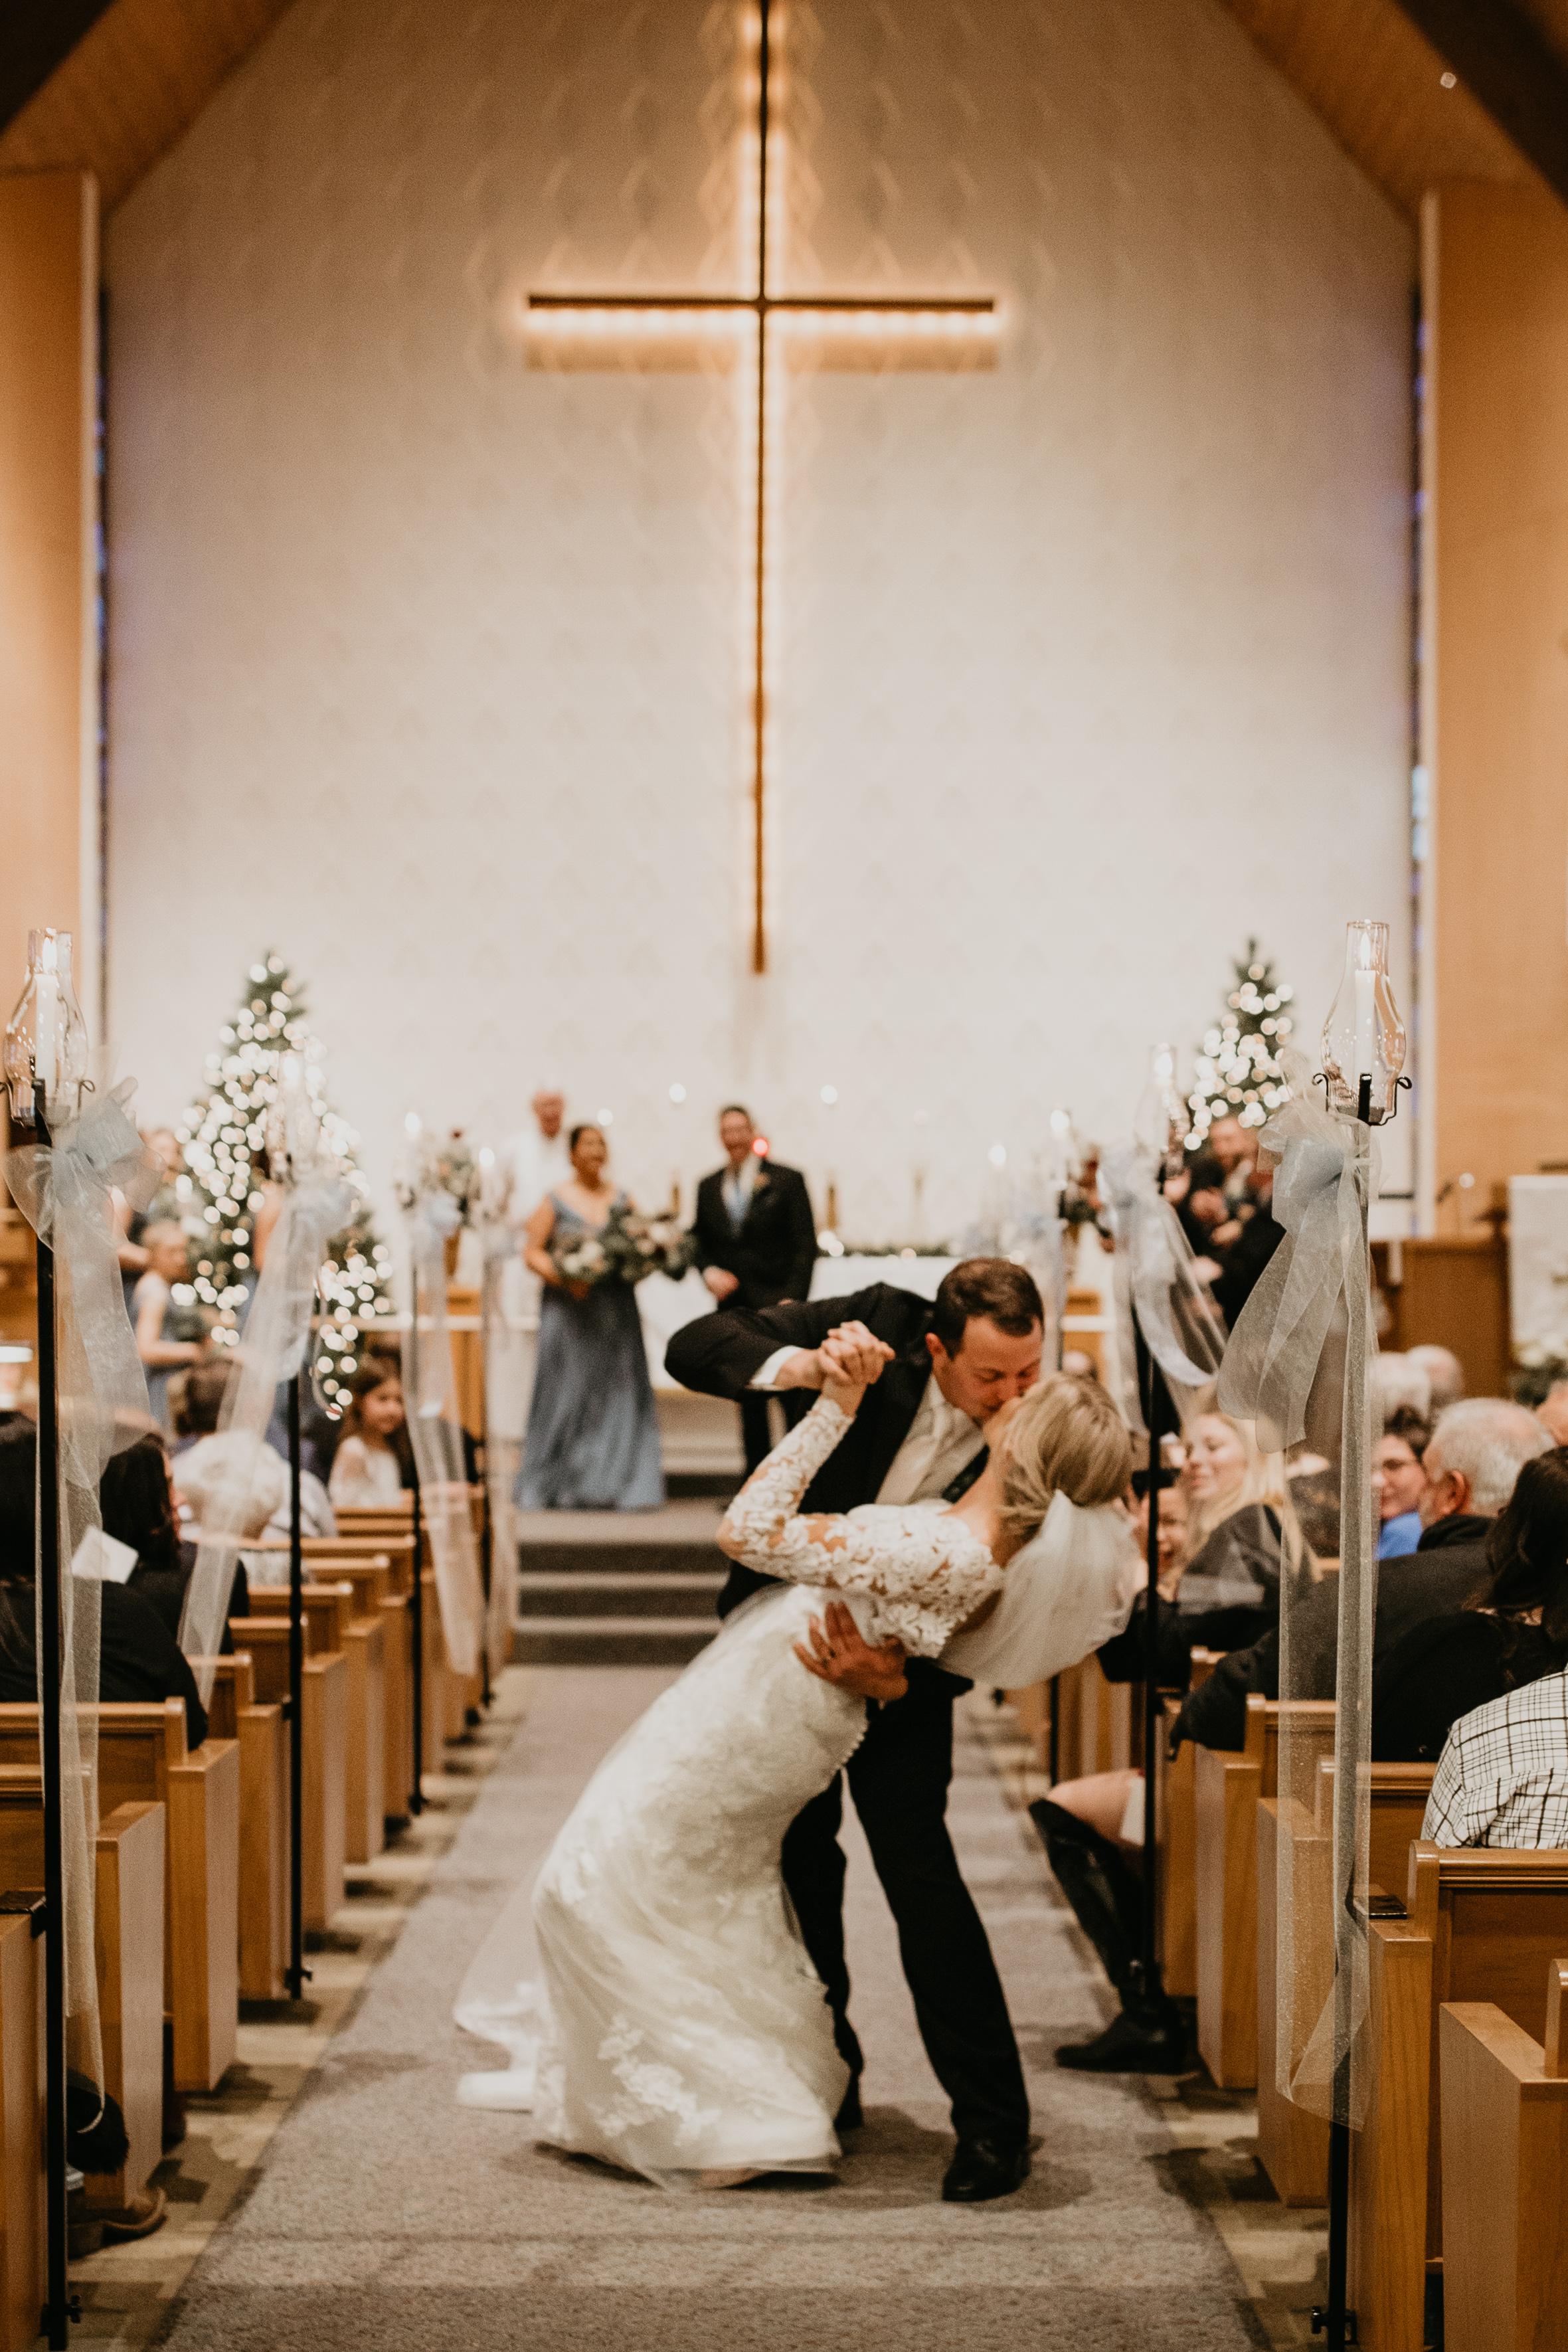 STADHEIM WED | Katie Wilke Co552.jpg